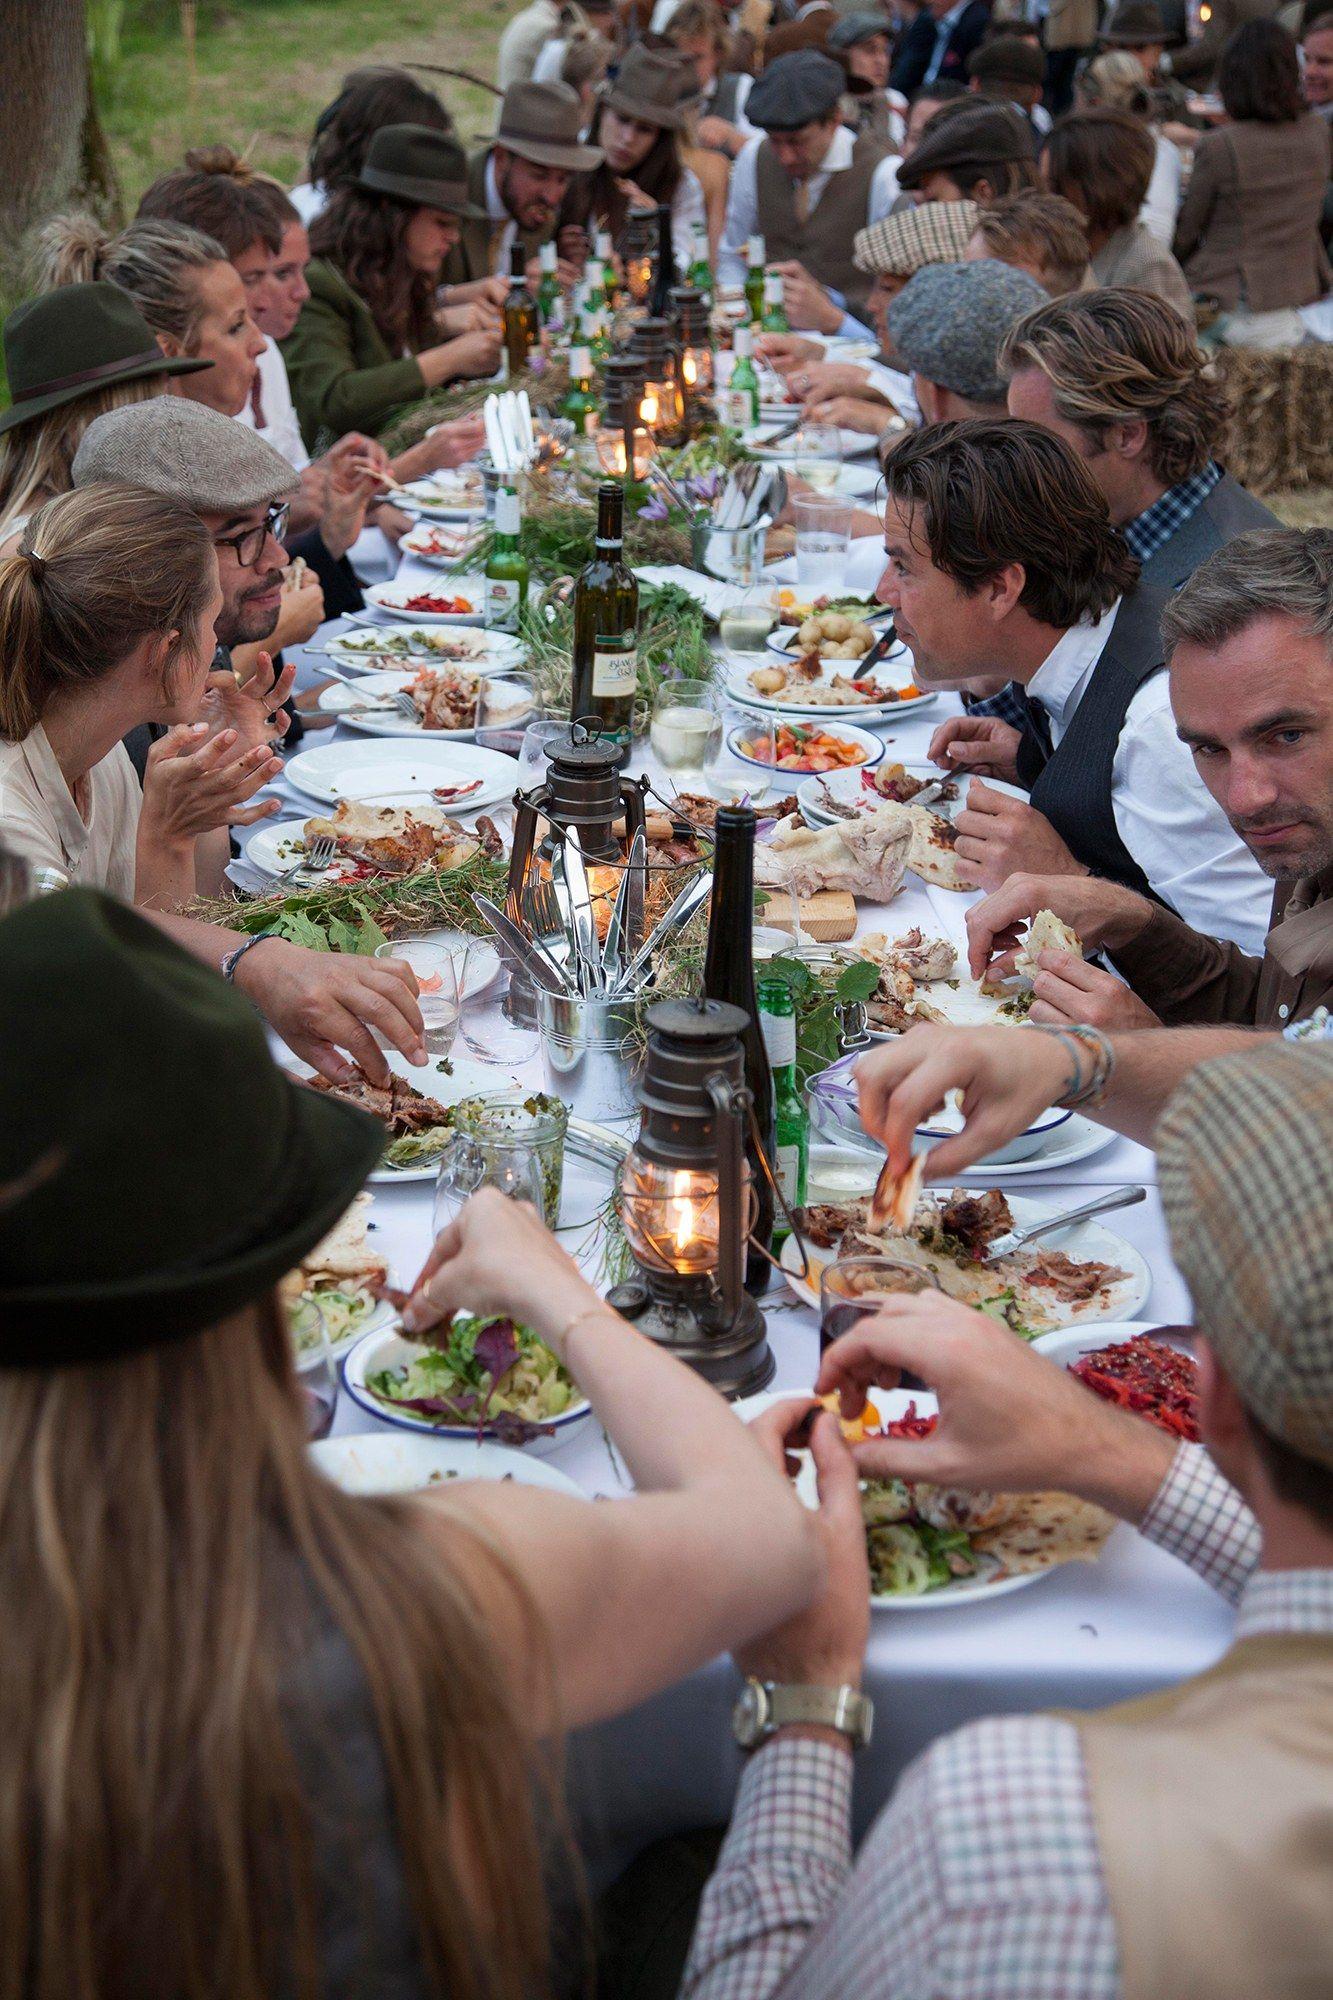 Bibi van der velden and thomas de haass wedding in 2020